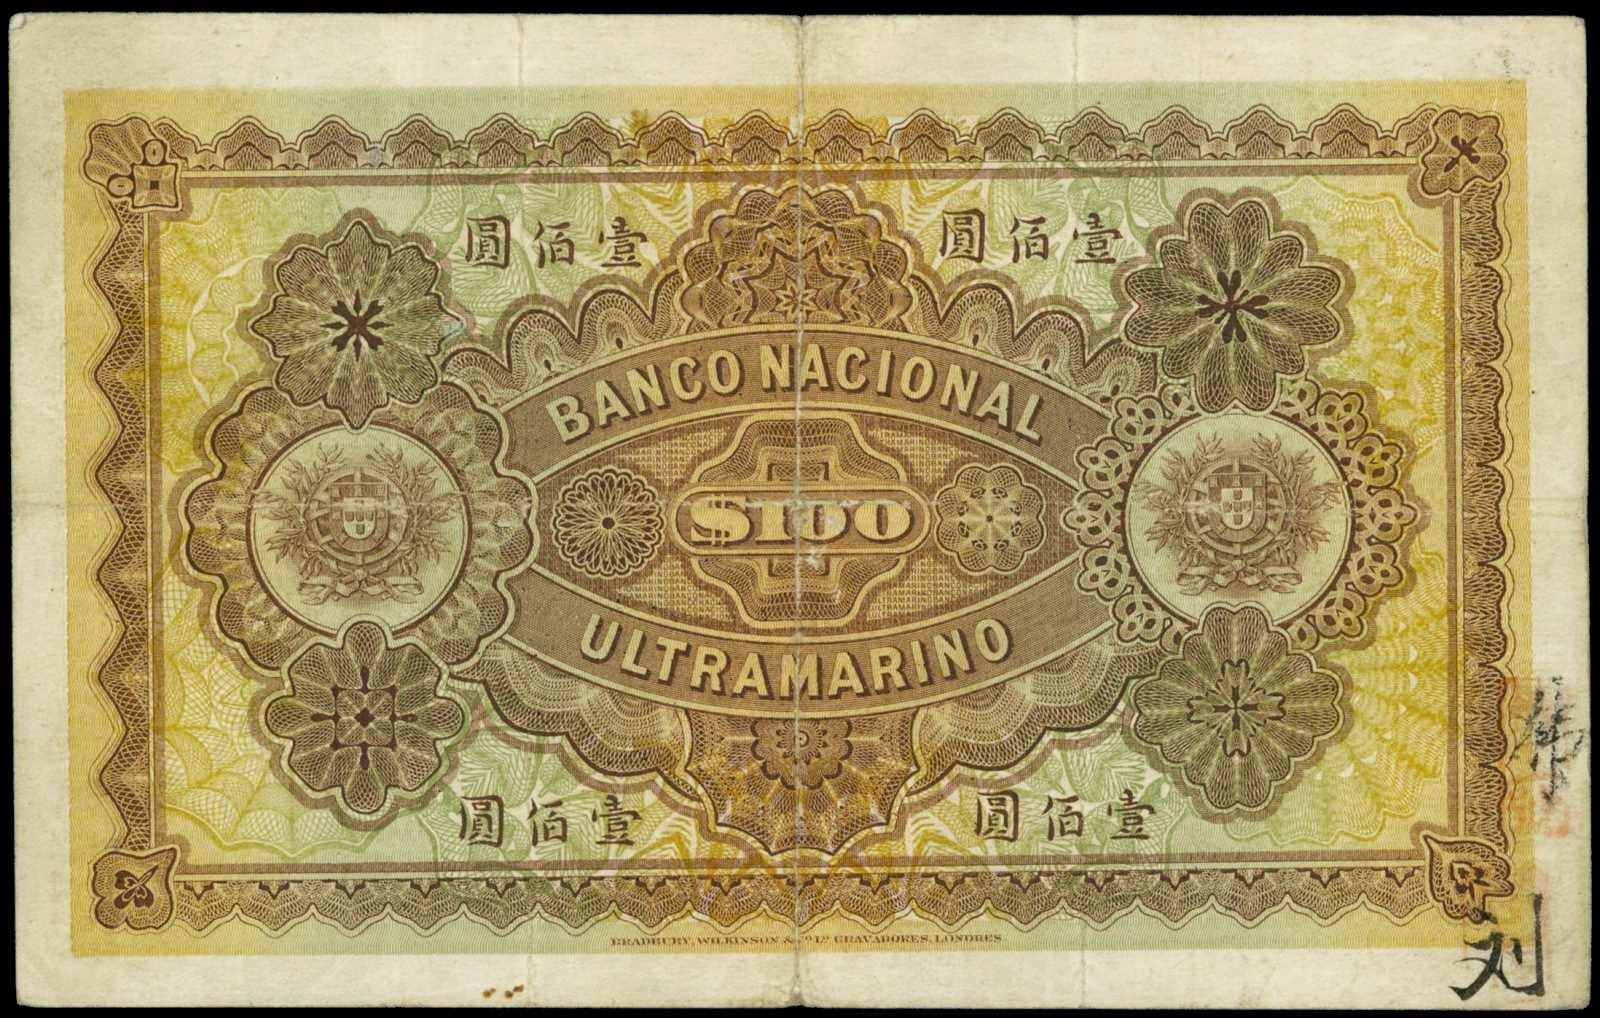 Macao paper money currency 100 Patacas Banco Nacional Ultramarino